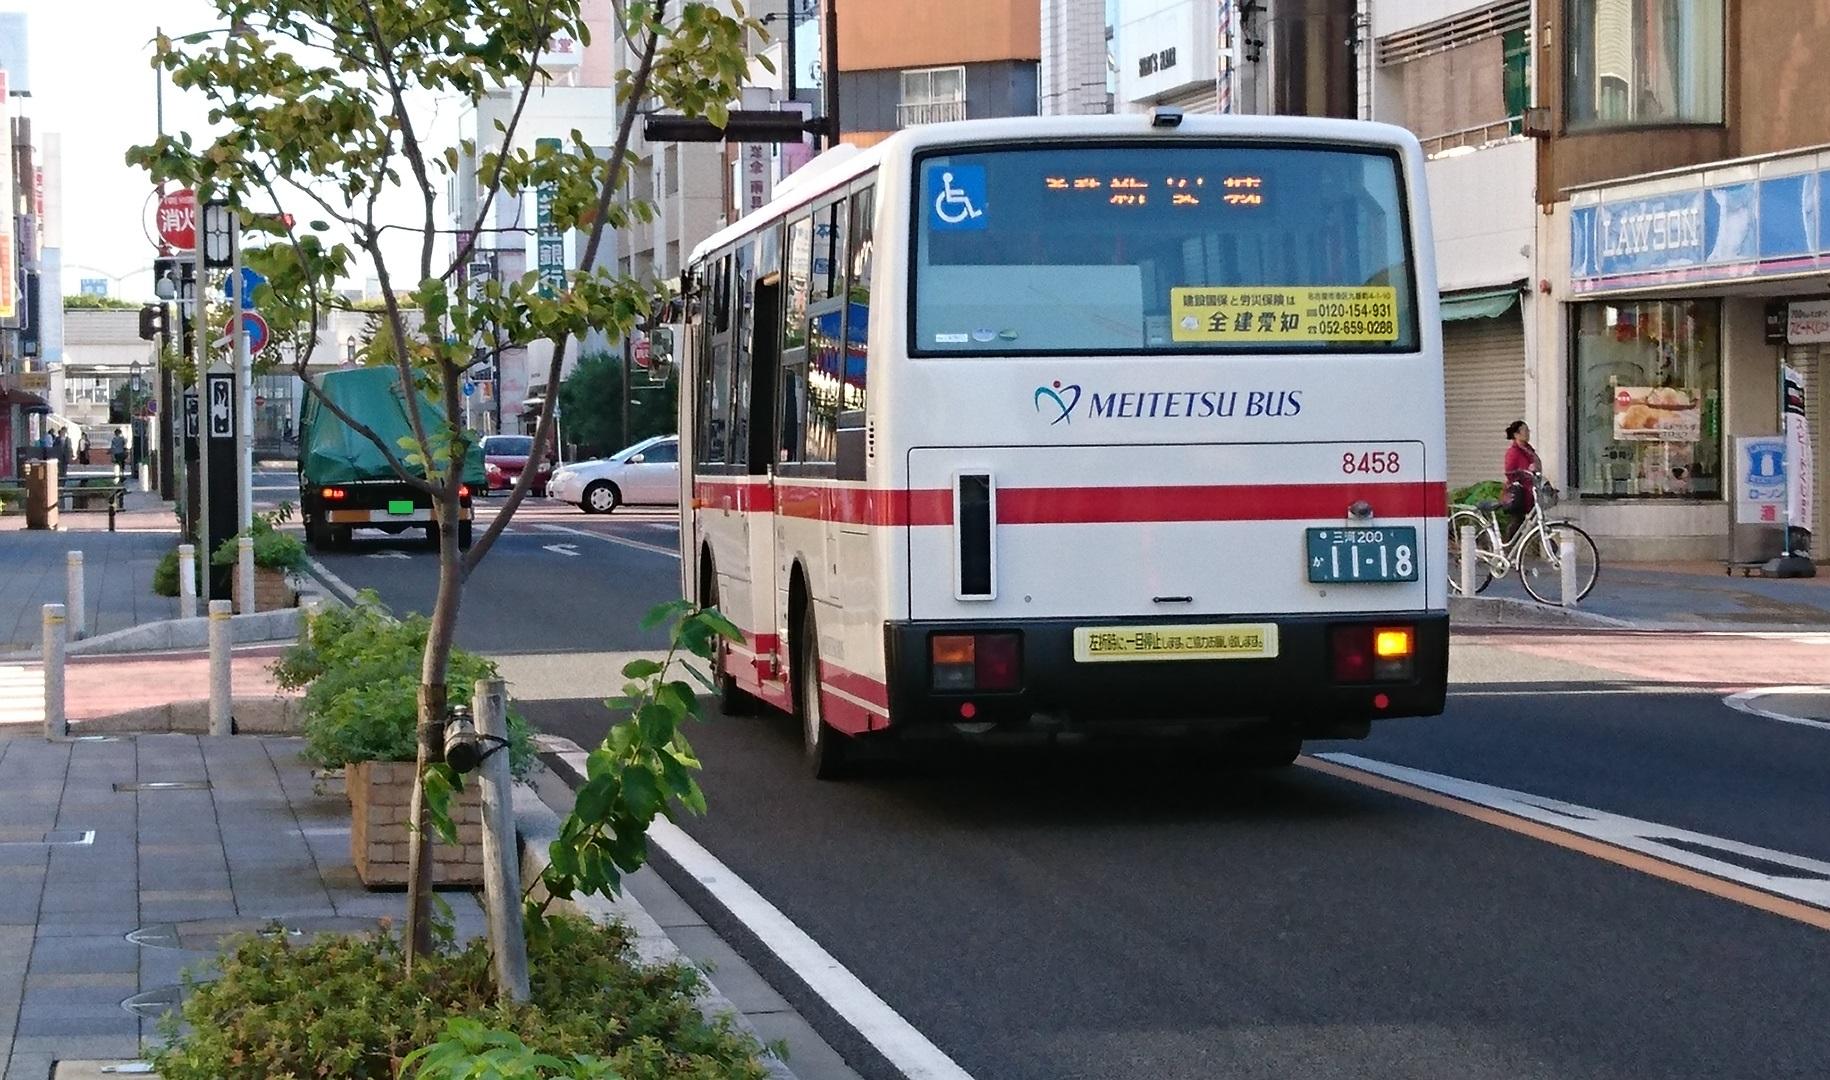 2016.10.18 名鉄バス (5) 碧海信用金庫本店 1830-1080